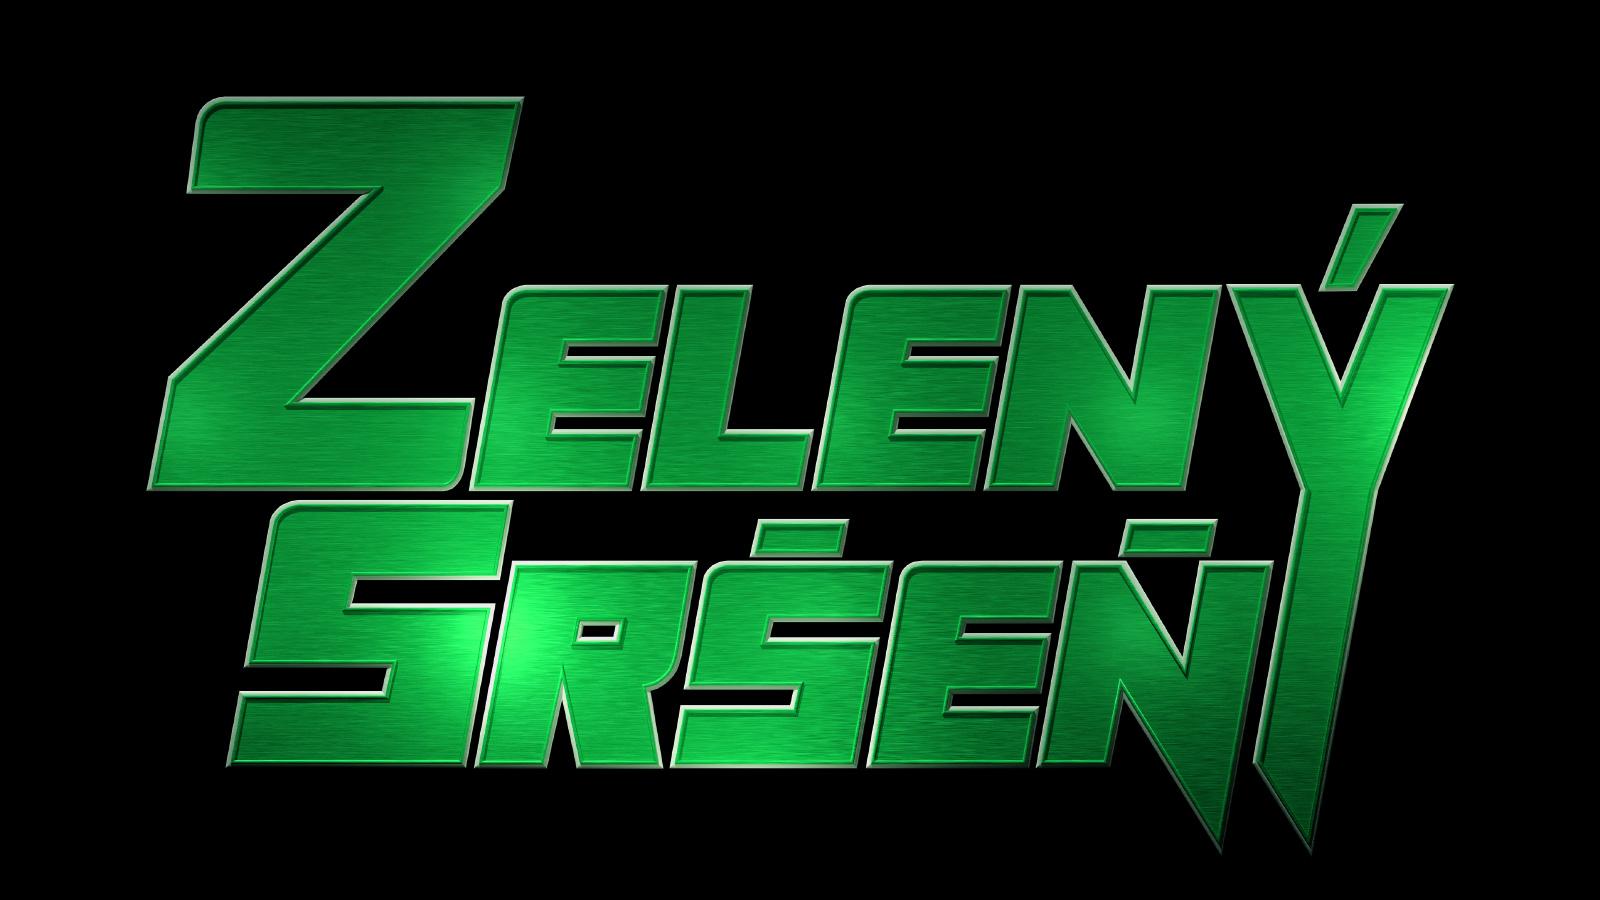 Green Hornet Zeleny srsen CZ